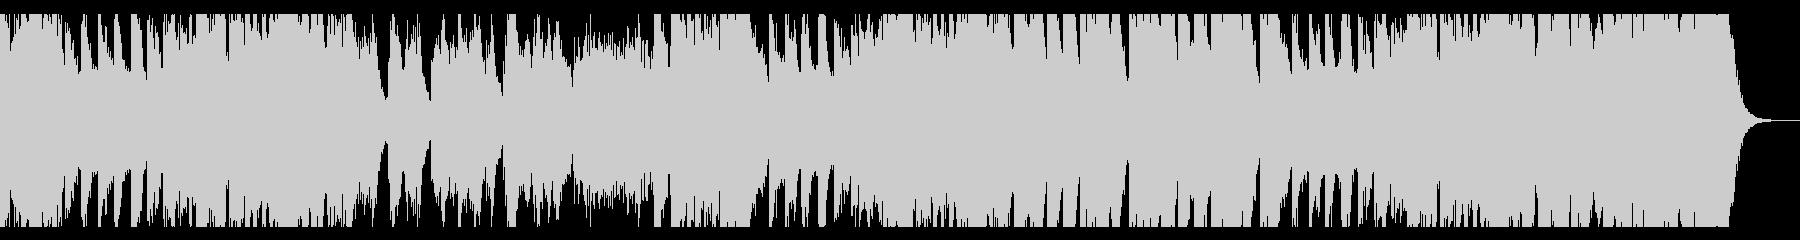 オーケストラ的シンセ音楽の未再生の波形